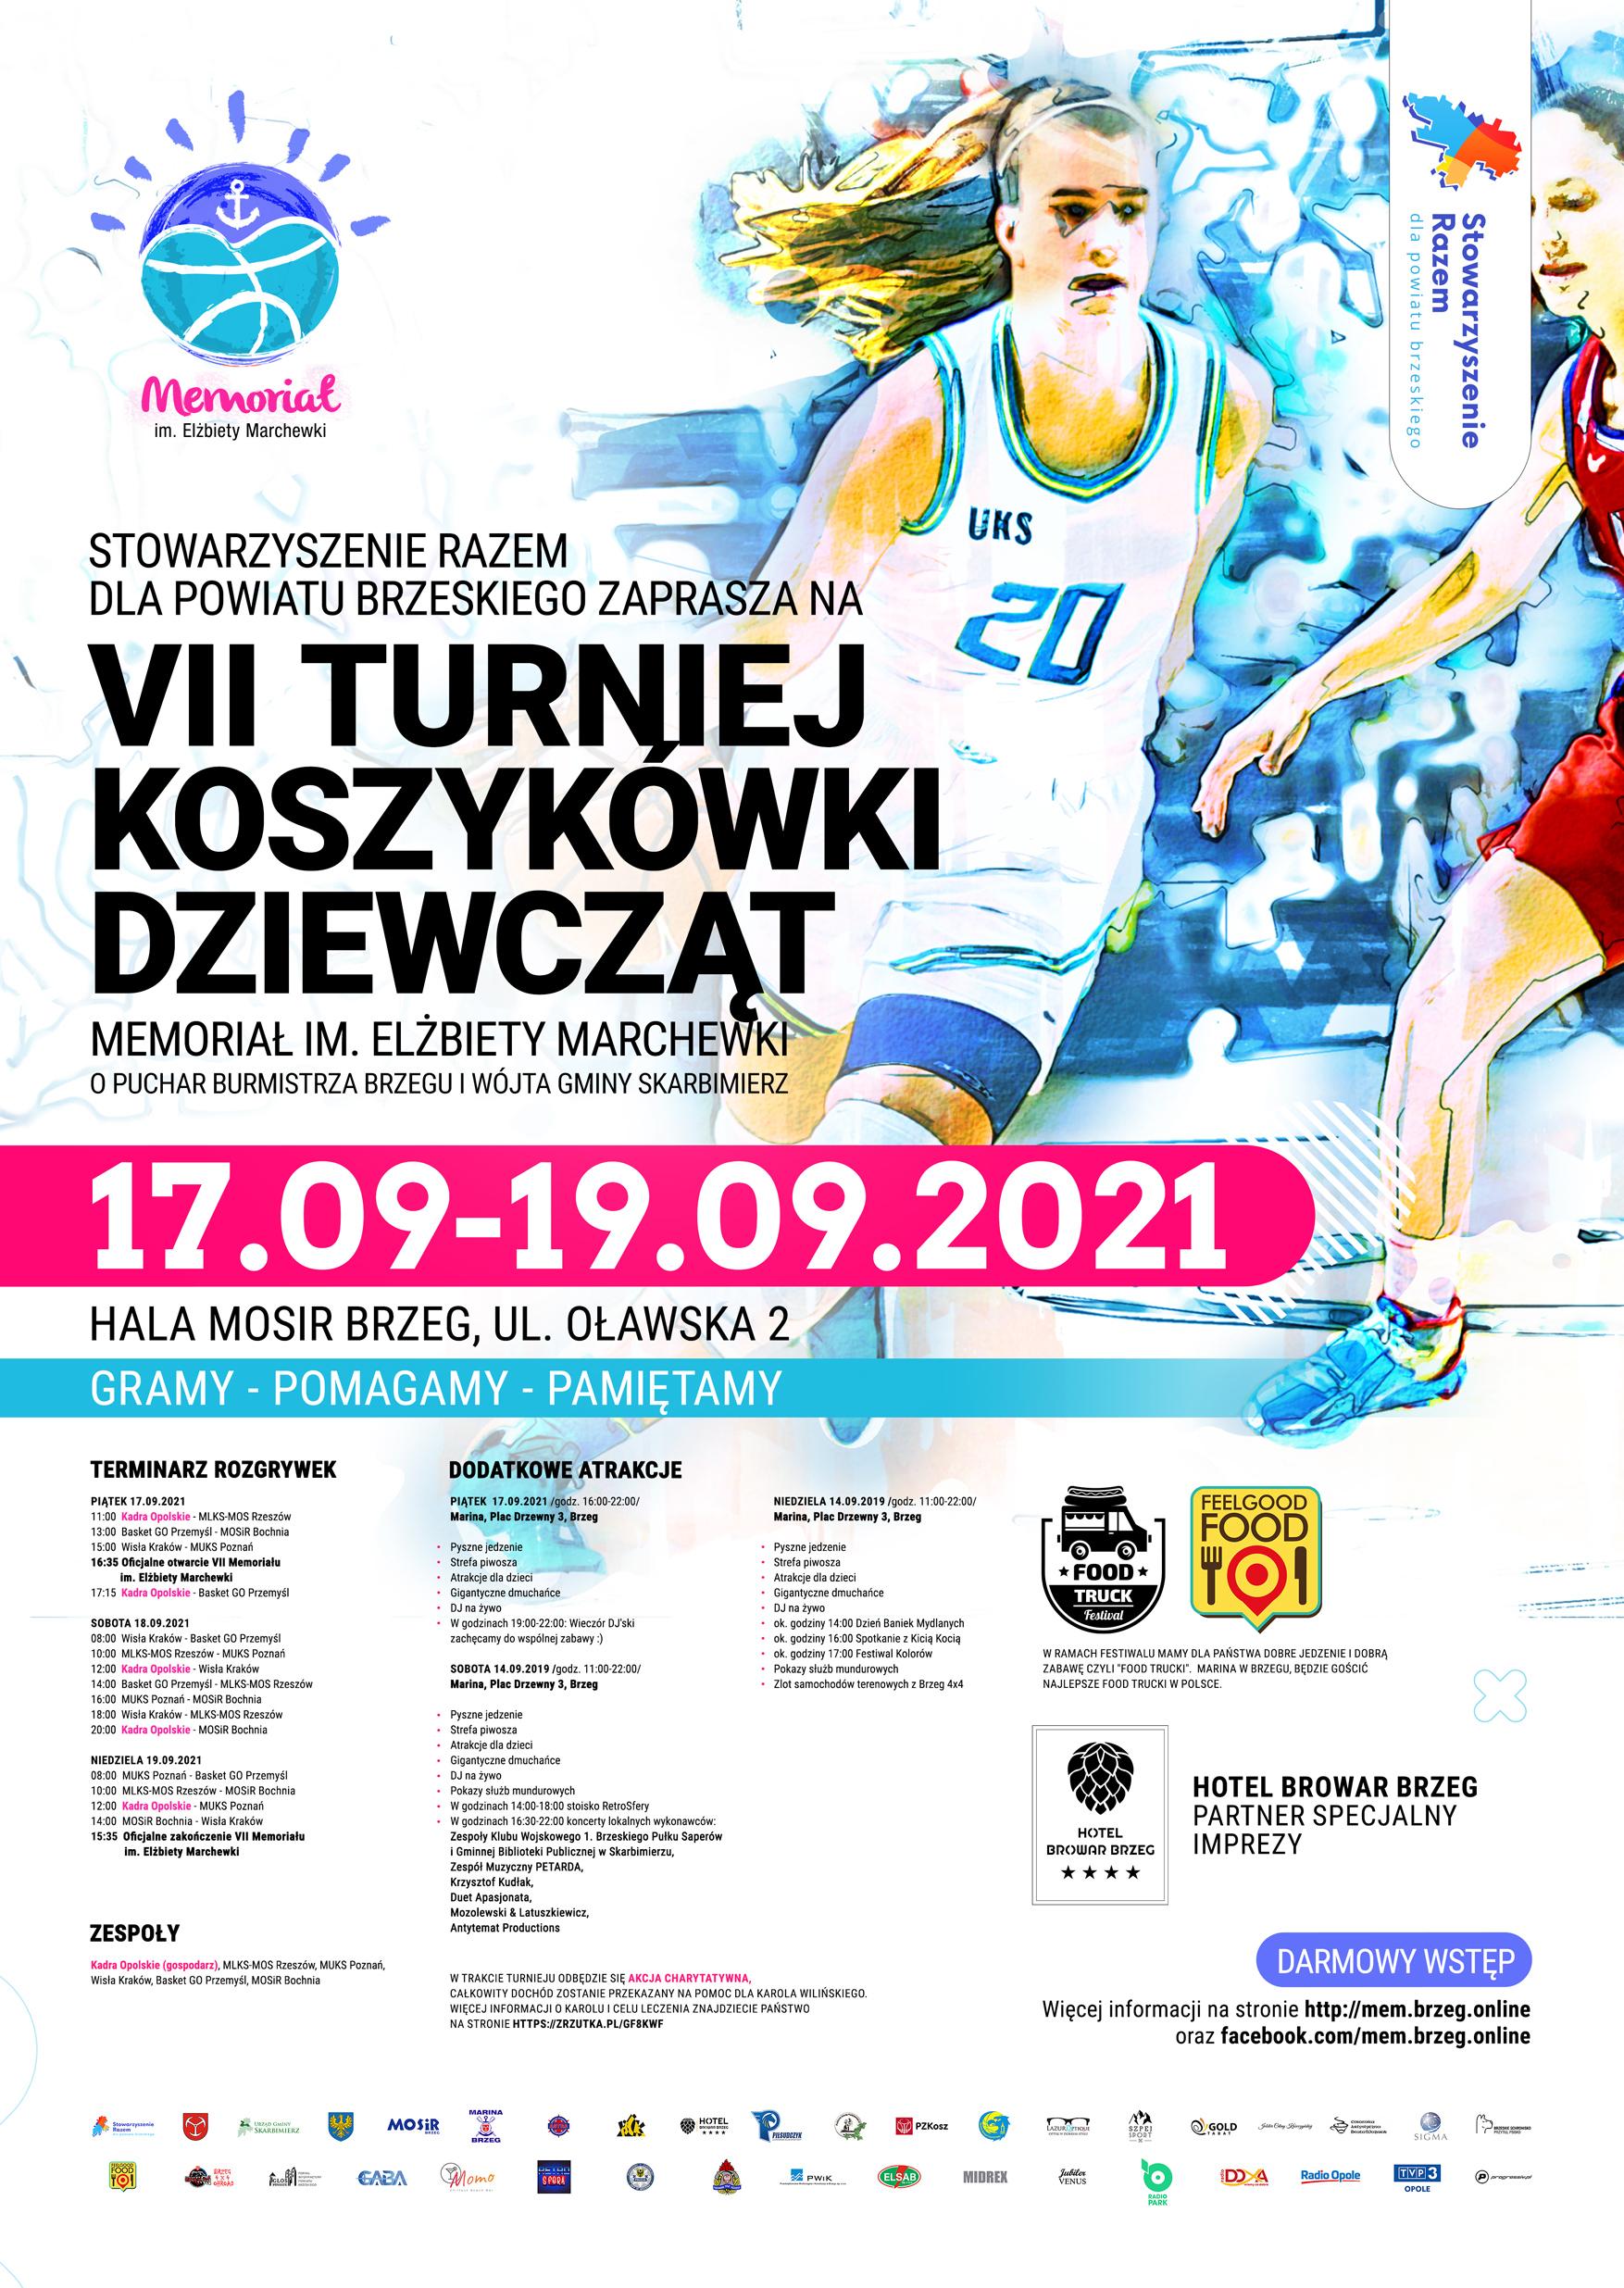 Gramy, pomagamy, pamiętamy! Zbliża się VII Międzynarodowy Turniej Piłki Koszykowej Dziewcząt Rocznika 2008 w Brzegu [fot. materiały organizatora]